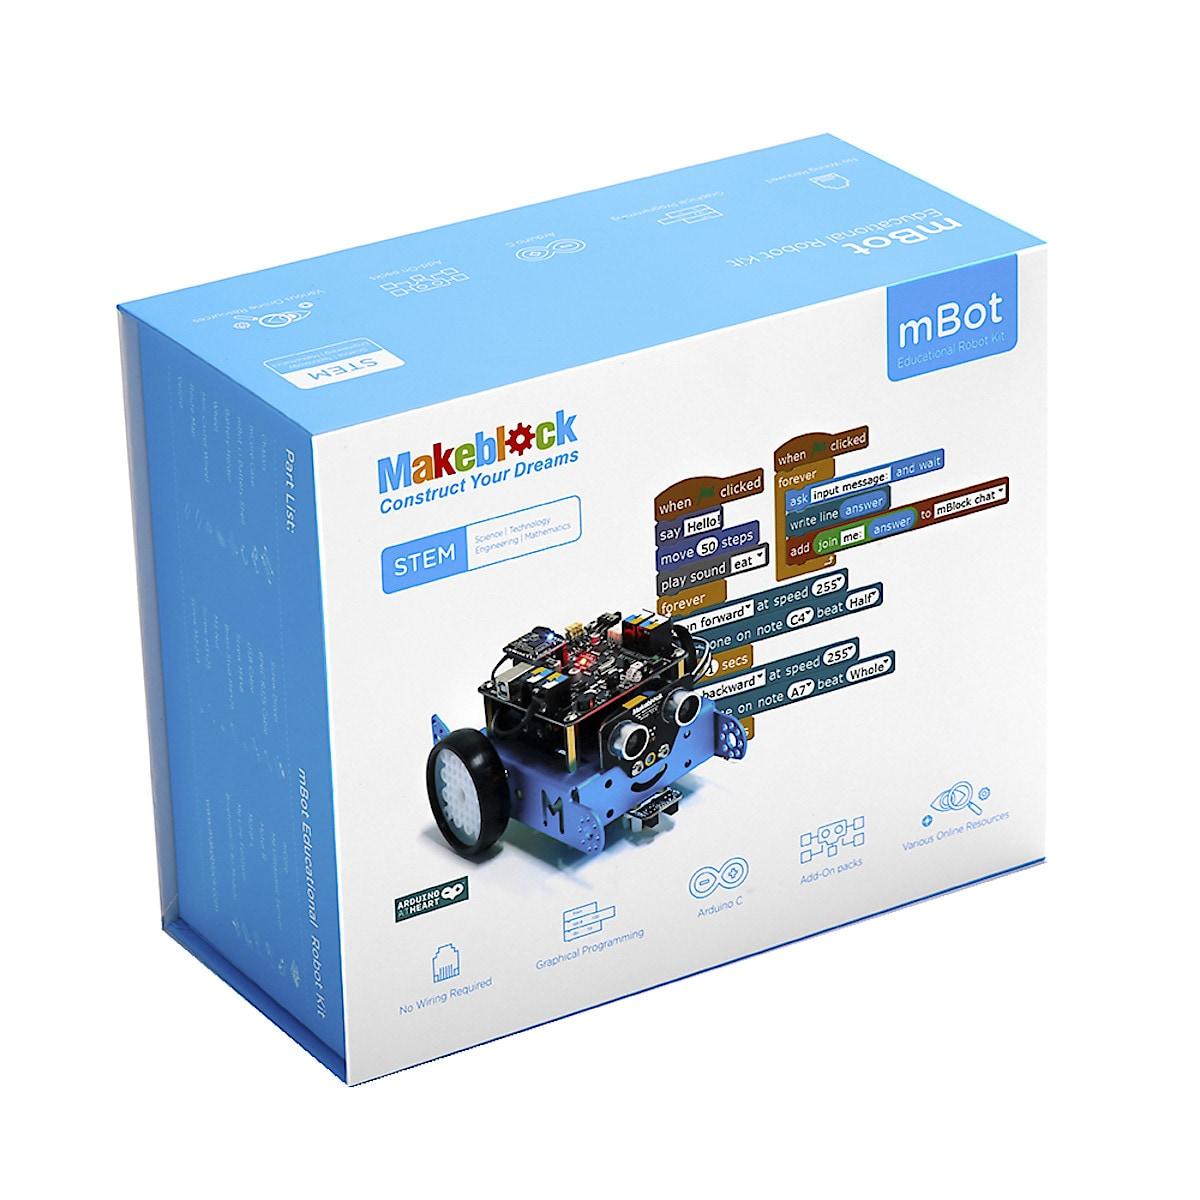 Robot Makeblock mBot v1.1 Blue